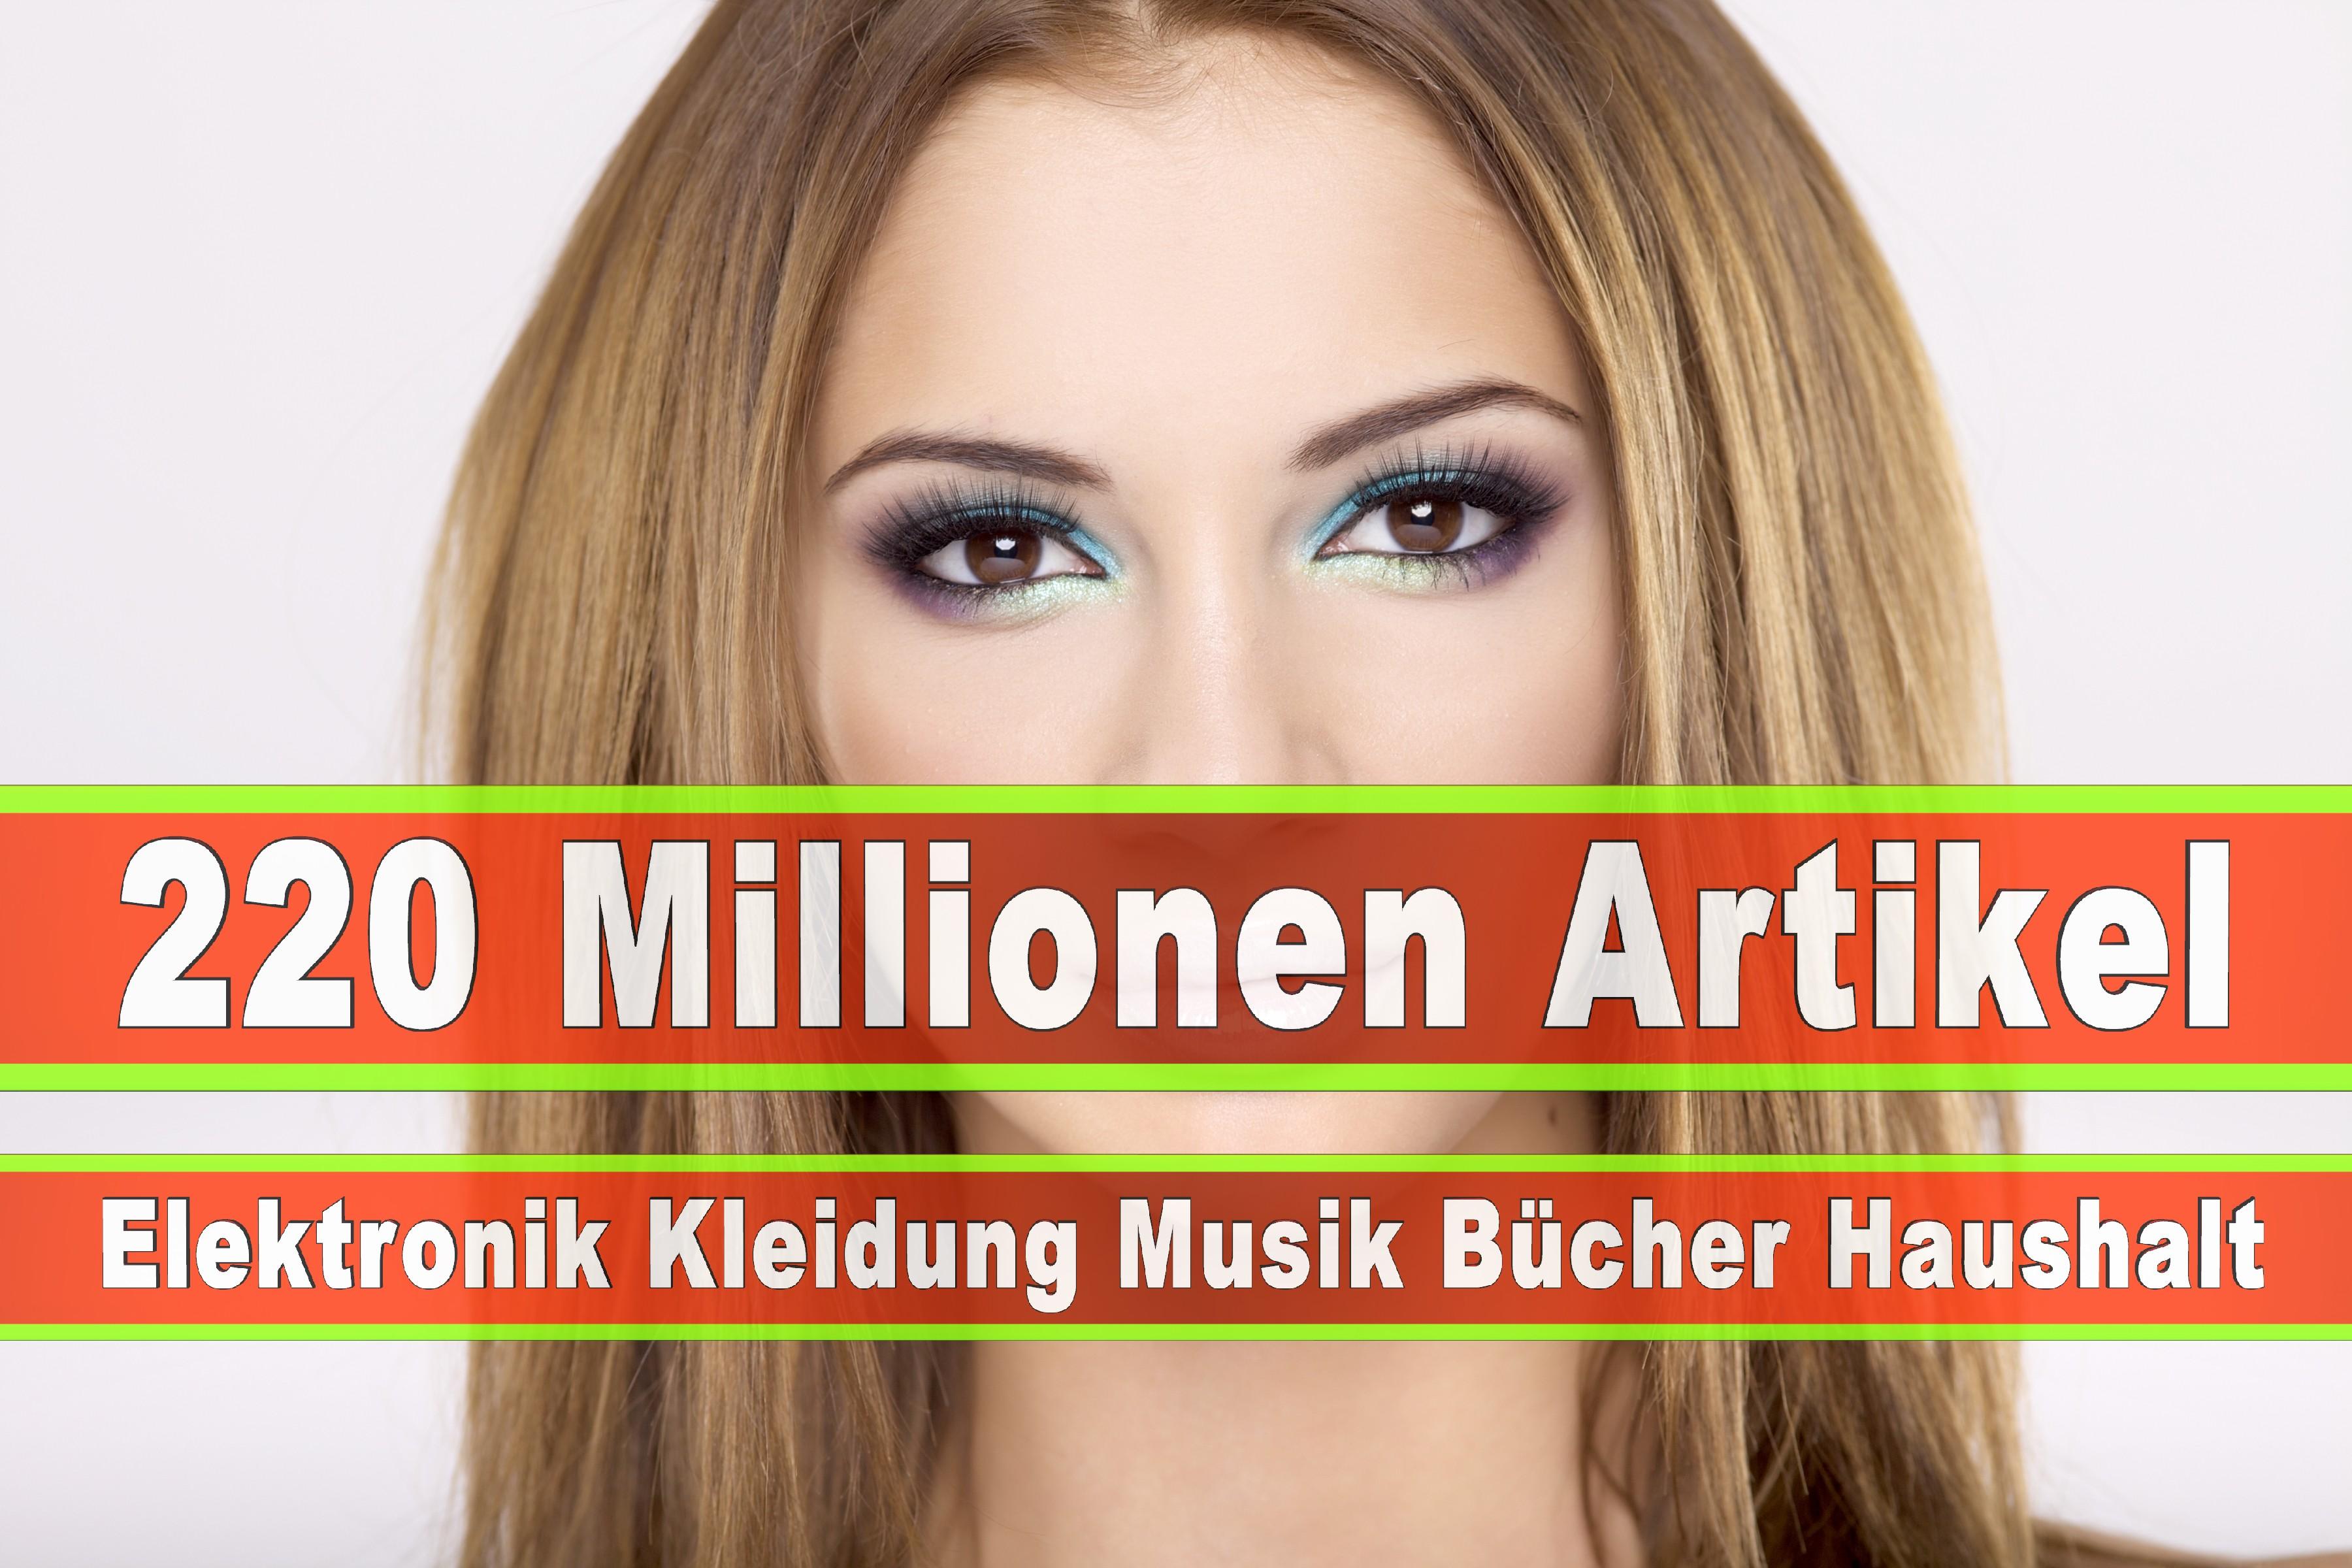 Amazon Elektronik Musik Haushalt Bücher CD DVD Handys Smartphones TV Television Fernseher Kleidung Mode Ebay Versandhaus (59)